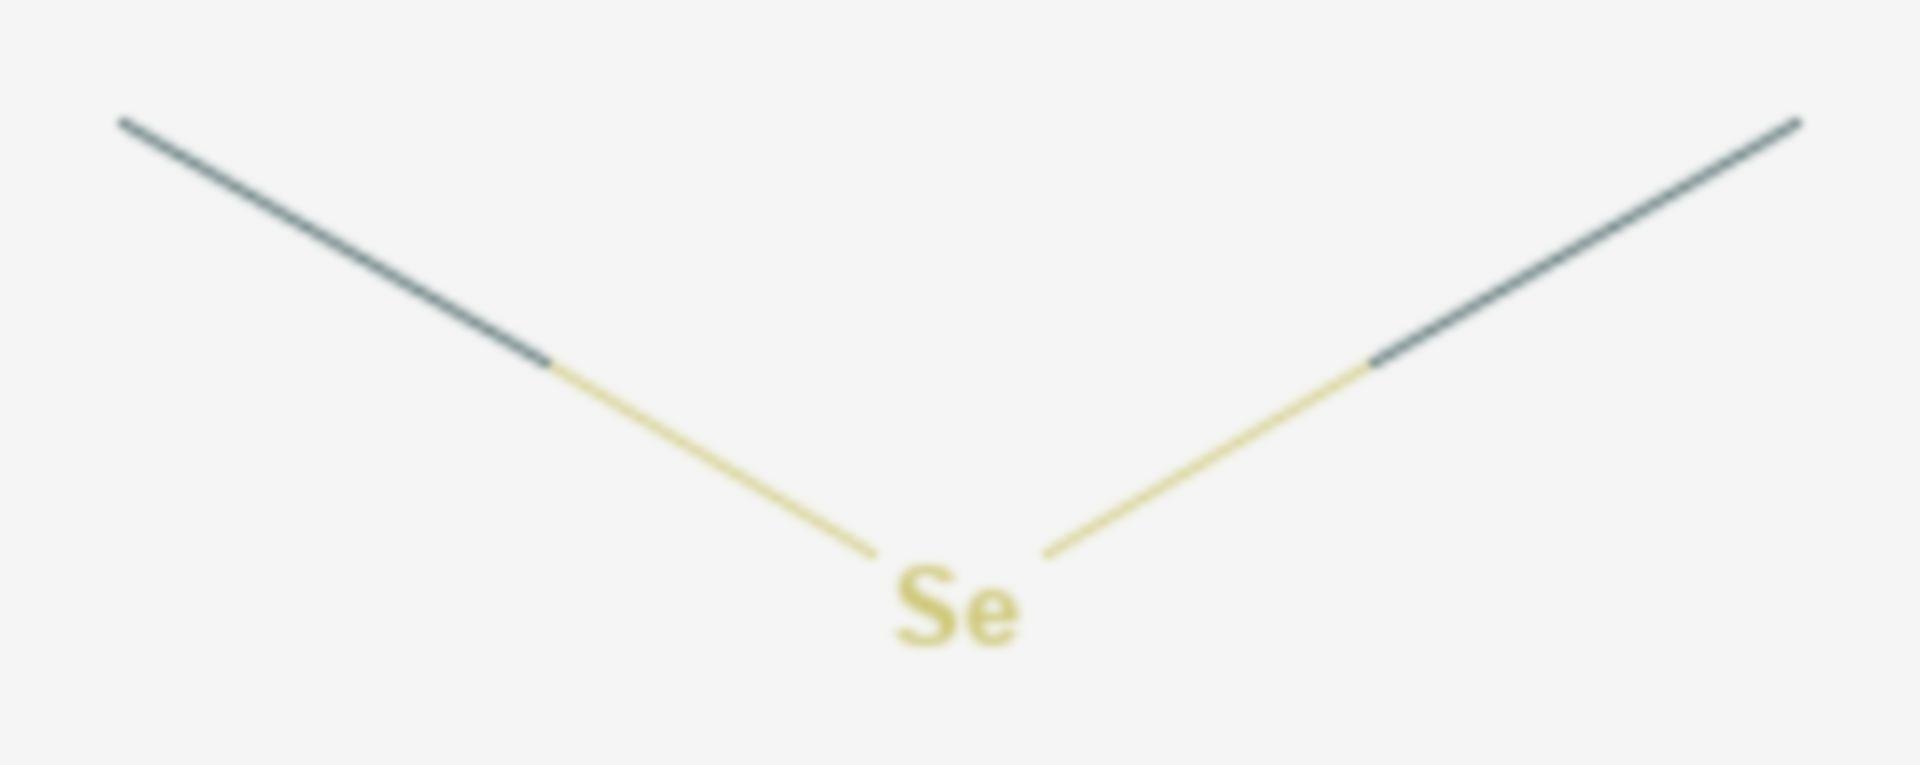 Dimethylselenid (Strukturformel)